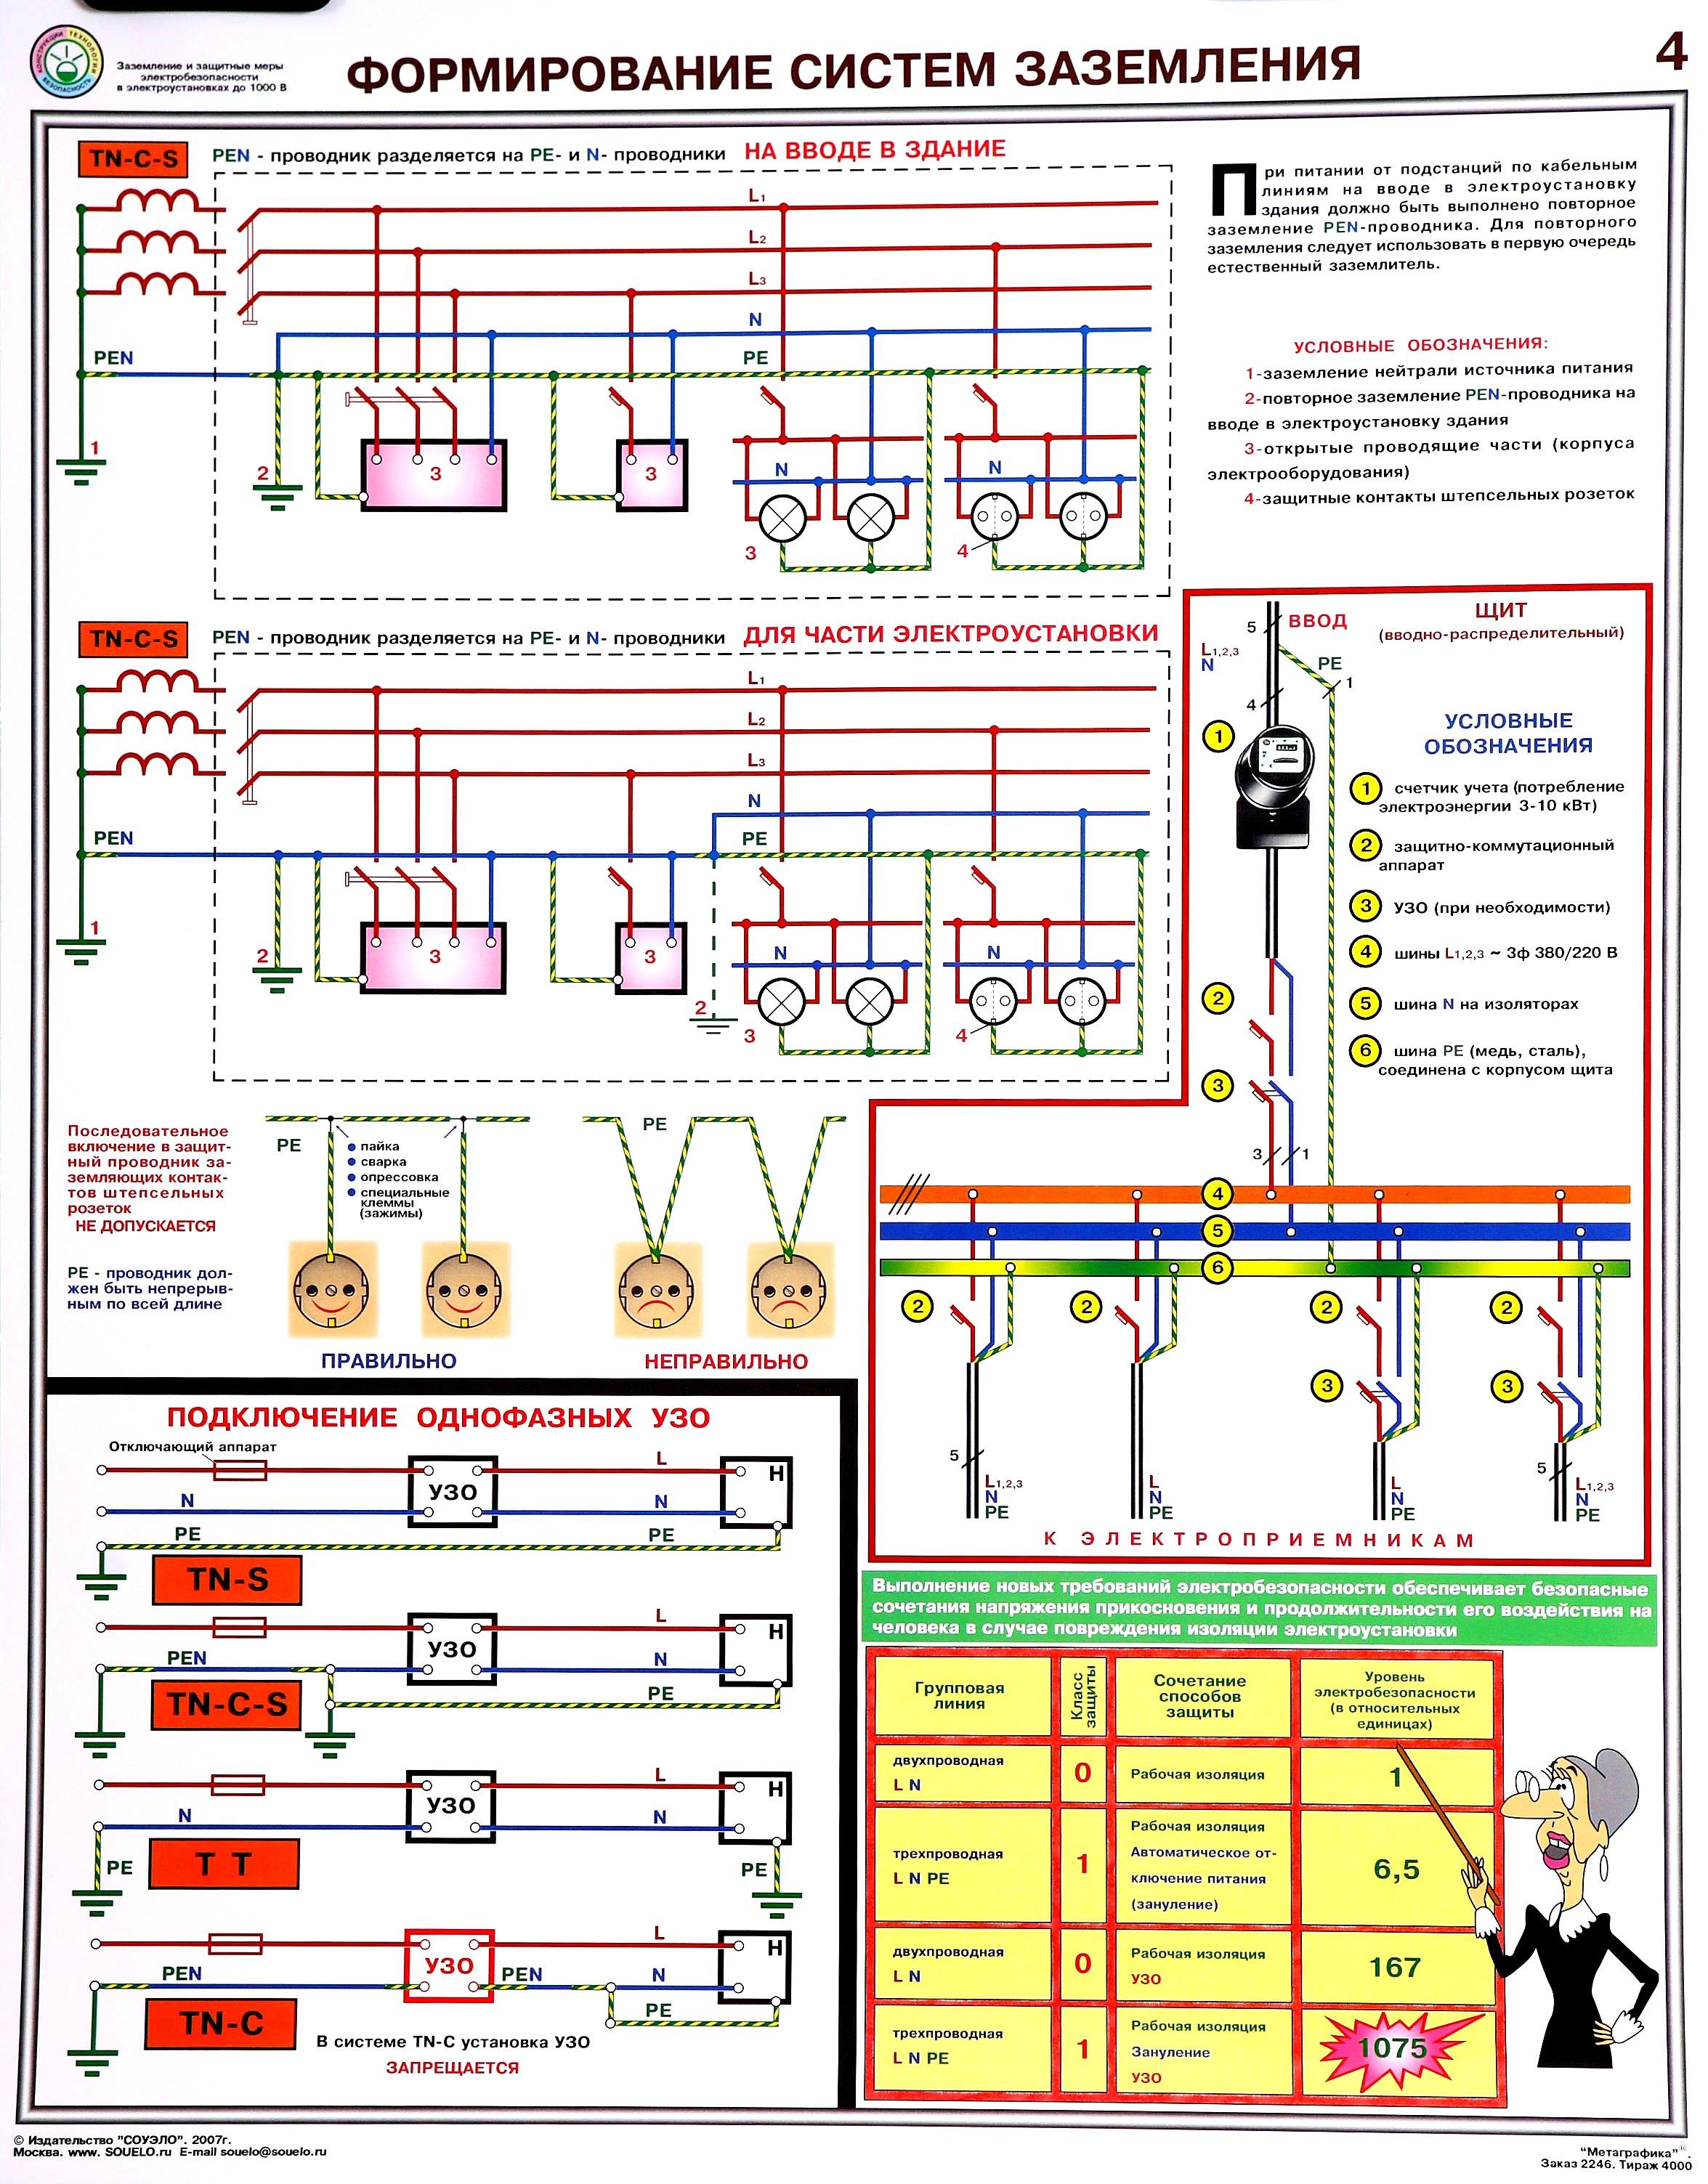 Скачать плакаты по электробезопасности бесплатно аутсорсинг электробезопасности